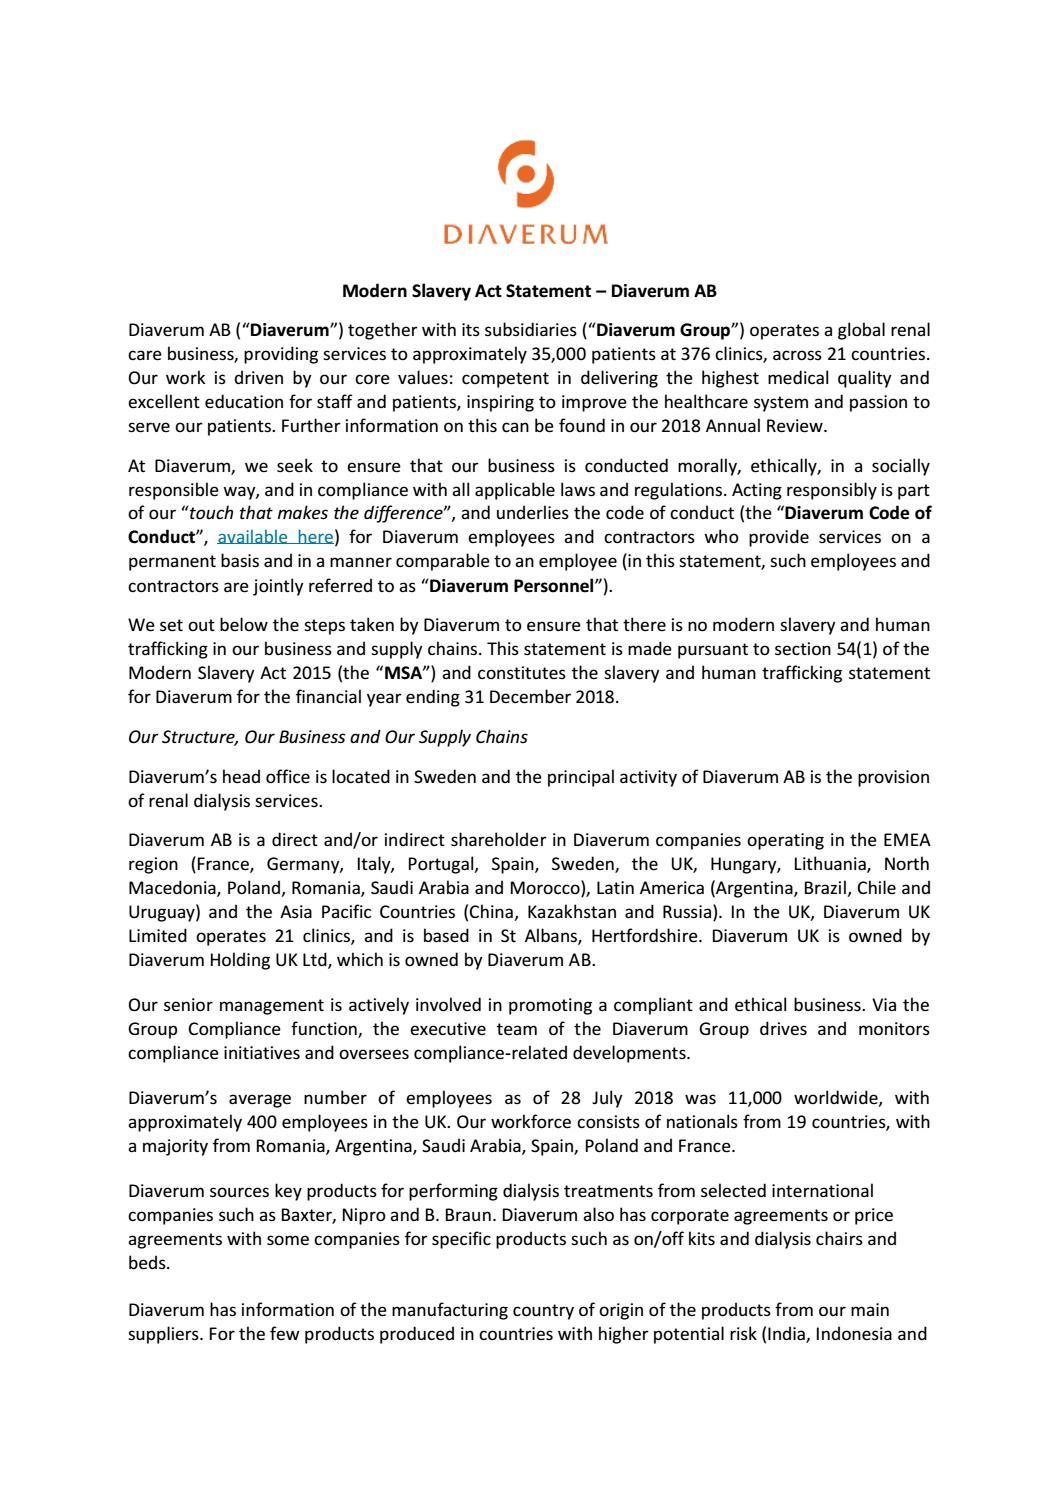 Modern Slavery and Human Trafficking Statement